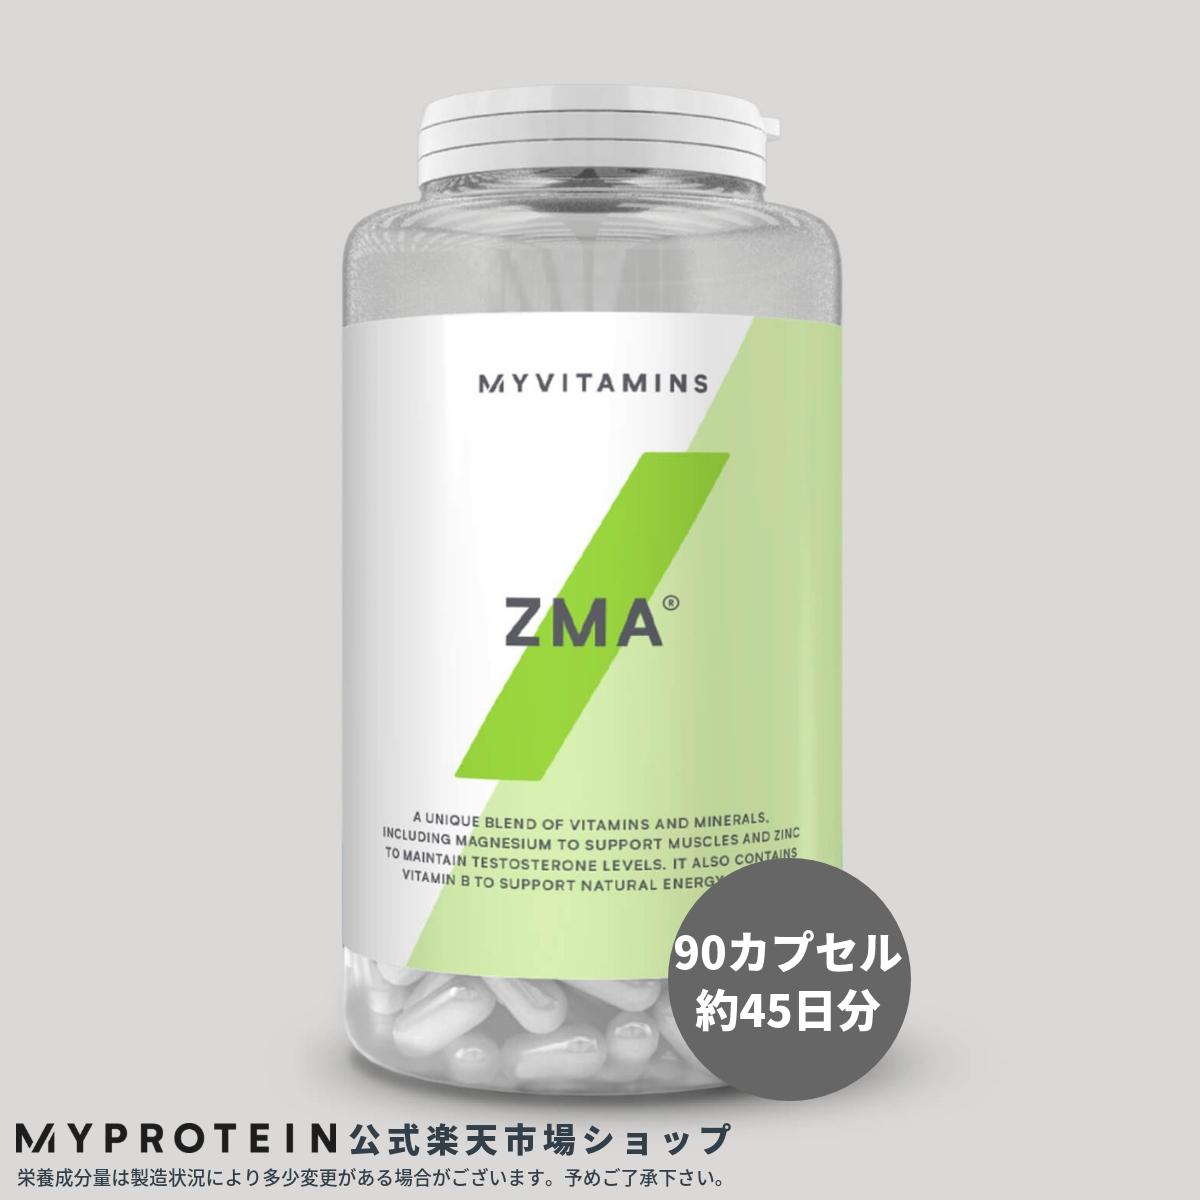 マイプロテイン 公式 【MyProtein】 ZMA 90カプセル 45日分| サプリメント サプリ 亜鉛 マグネシウム ビタミンB 栄養補助食品 栄養補助 スポーツサプリ スポーツサプリメント リカバリー 代謝【楽天海外直送】